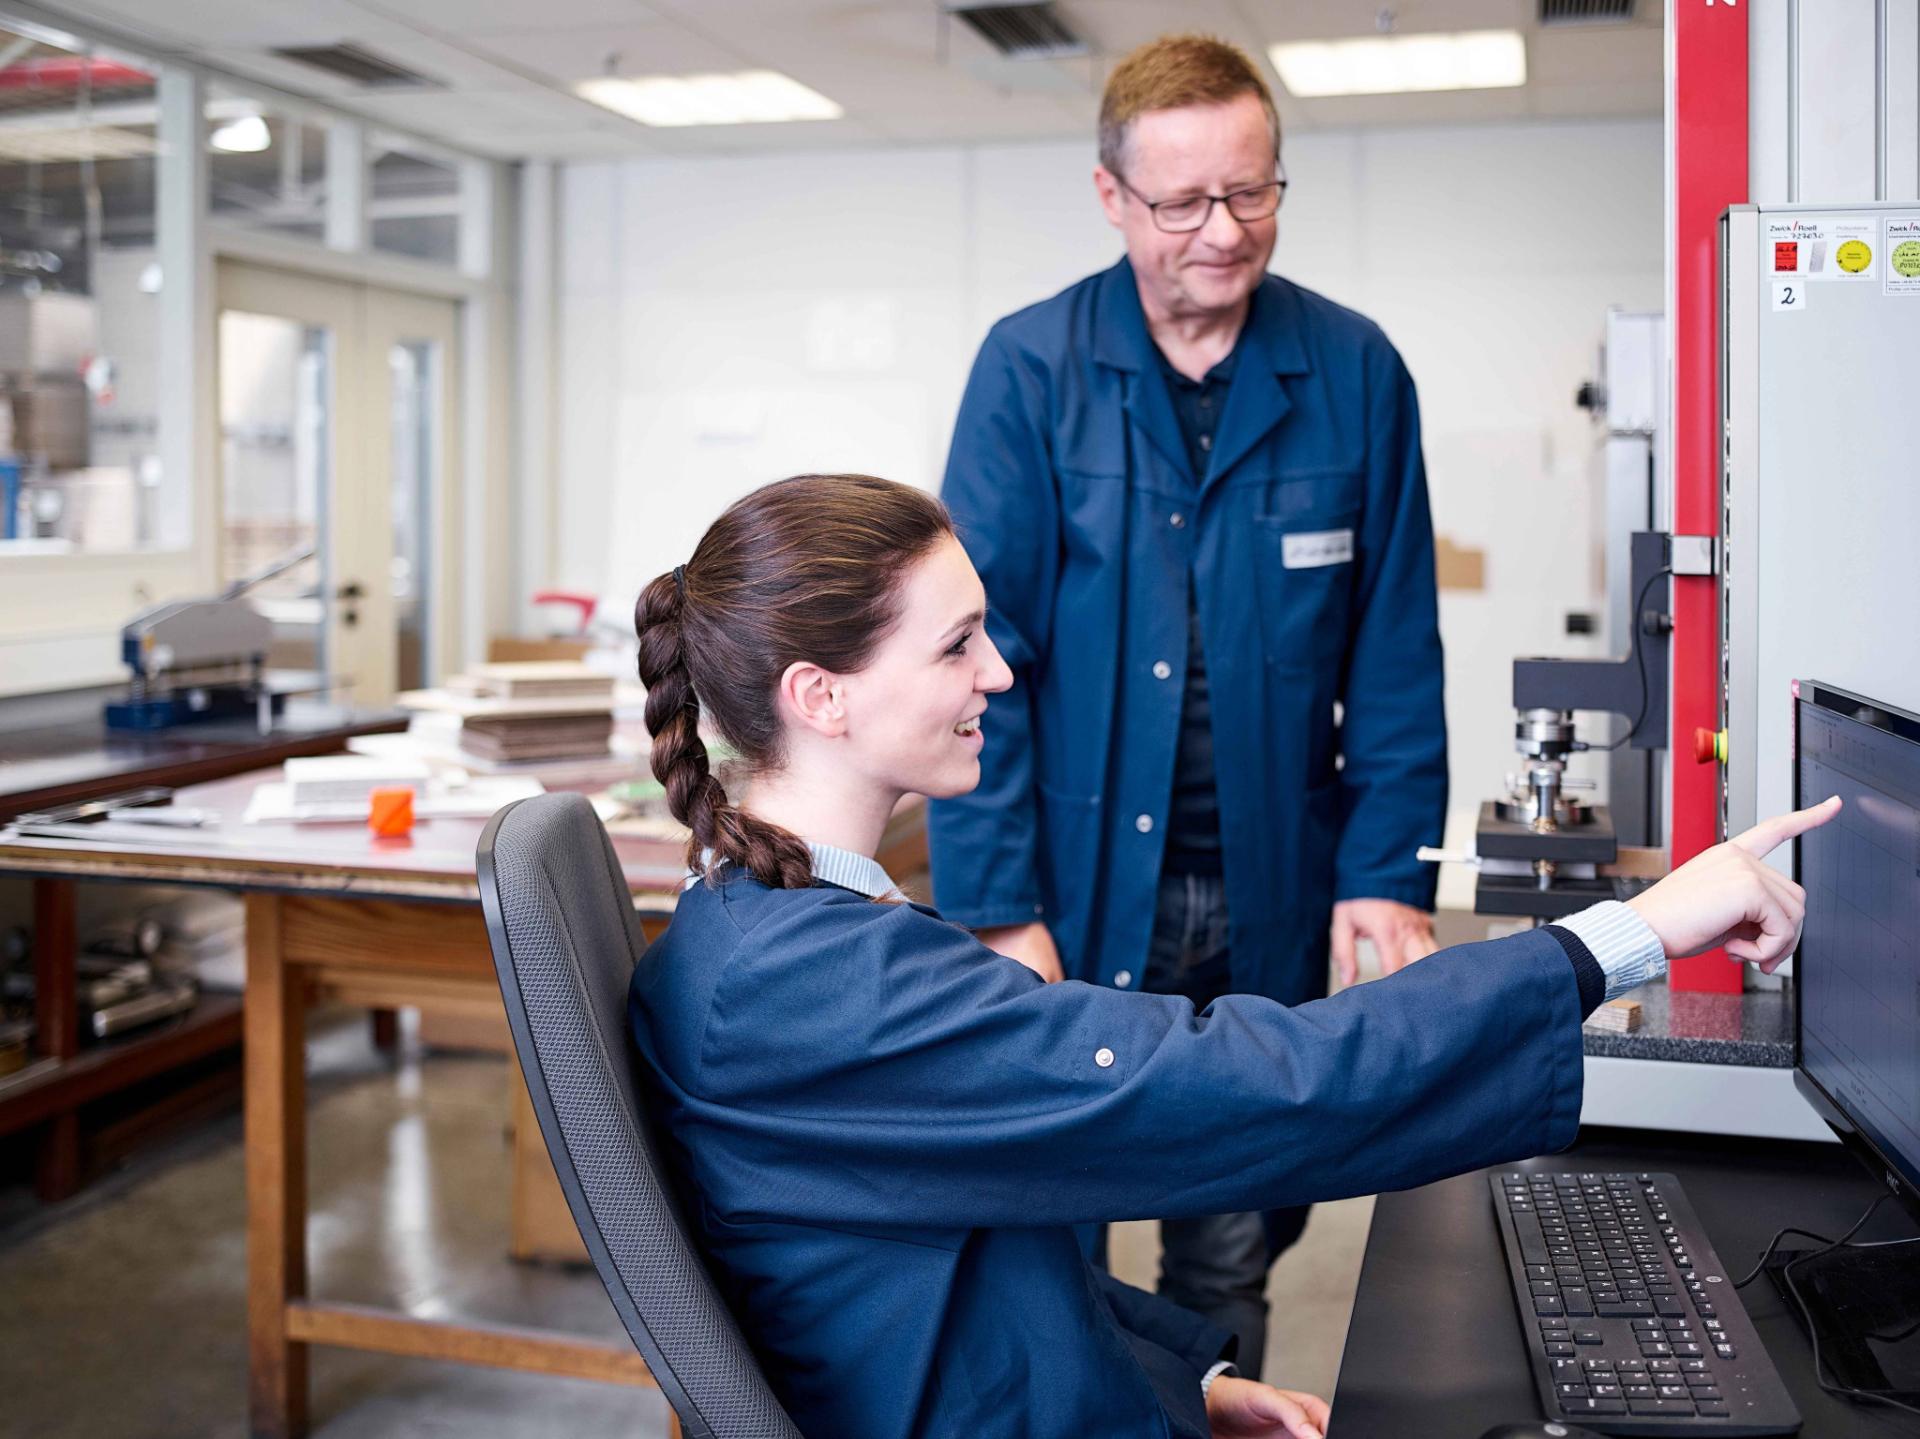 Praktikant im Labor von Brohl Wellpappe in Mayen